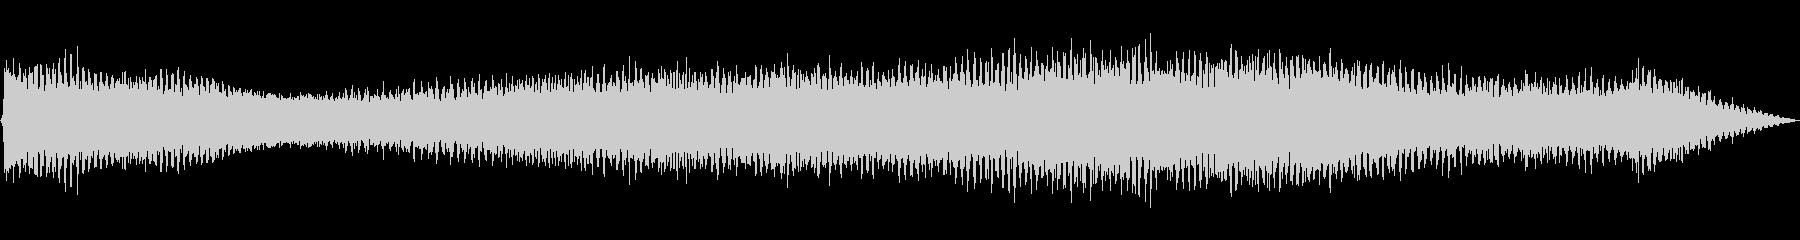 ミンミン(セミの鳴き声)の未再生の波形